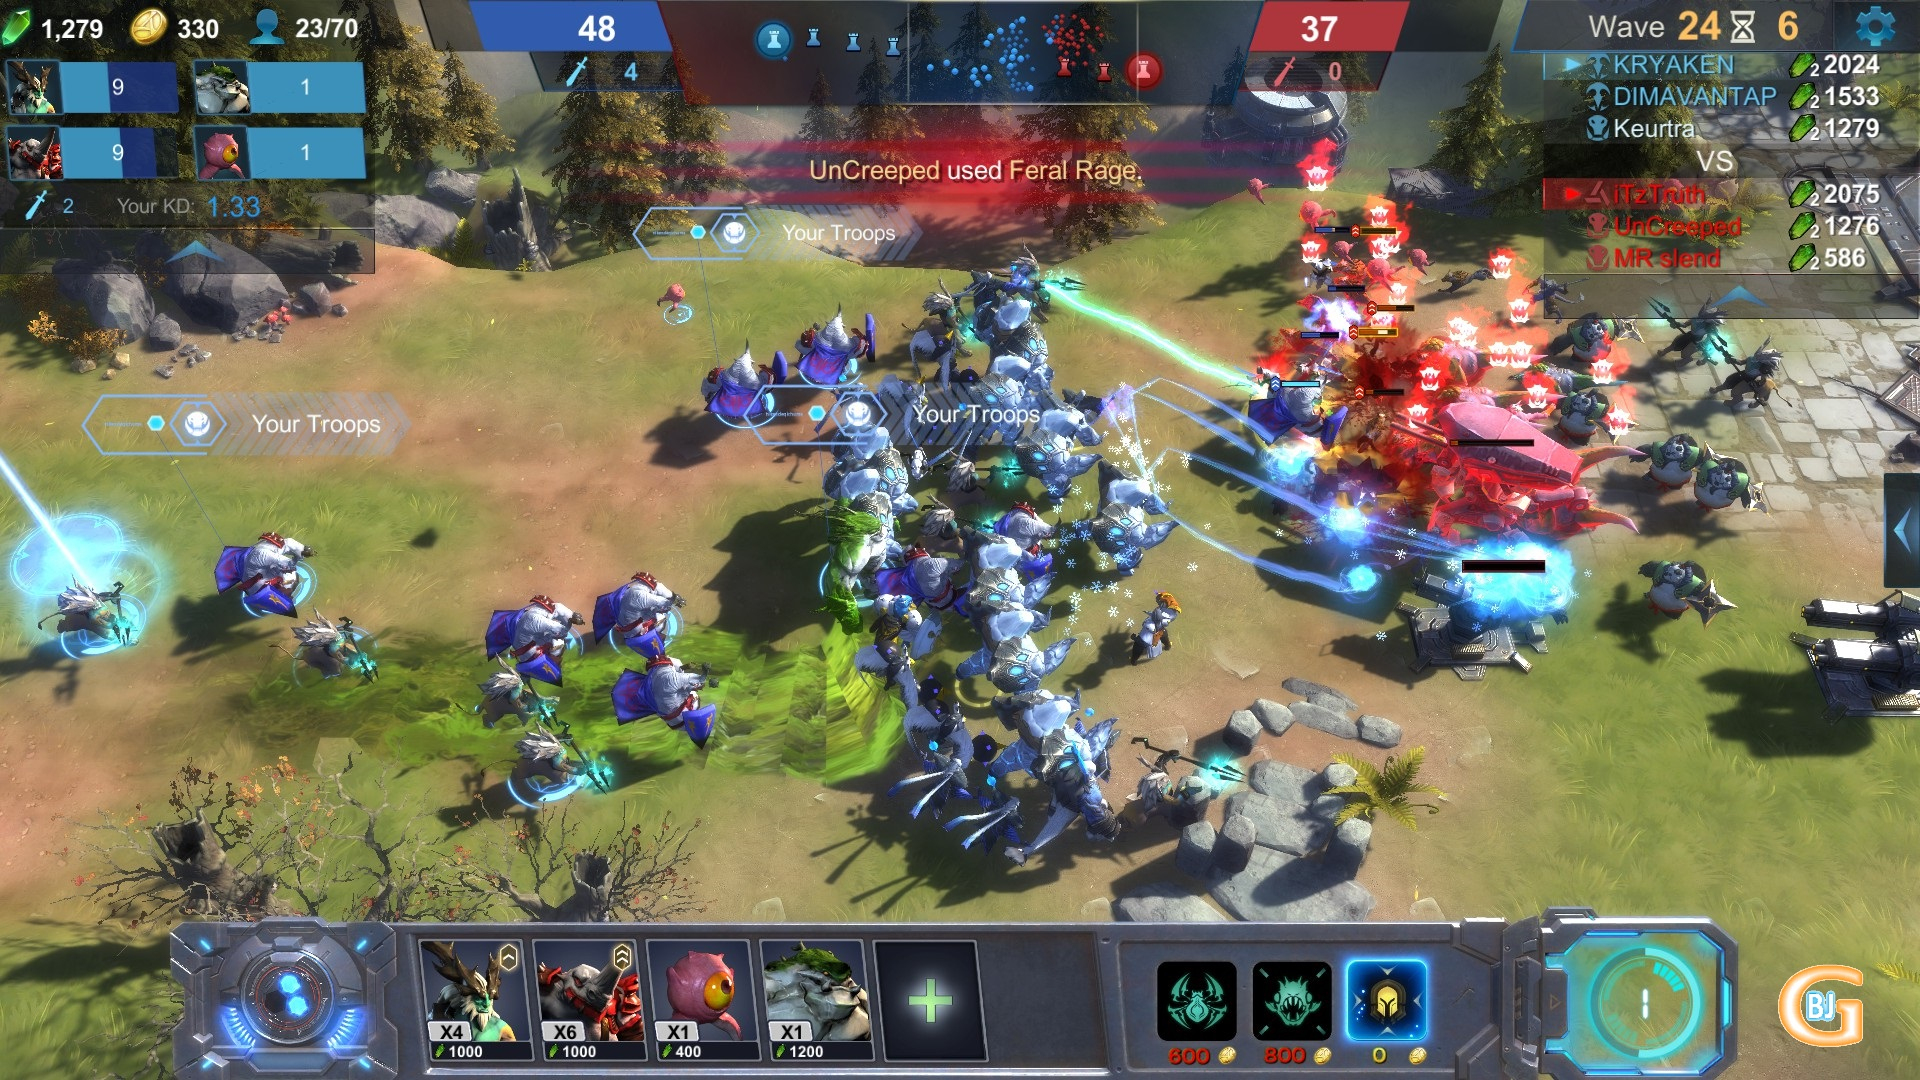 Jeu-Strategie-Gratuit-Art-Of-War-Red-Tides - Bjg - Bons Jeux concernant Jeux Tps Gratuit